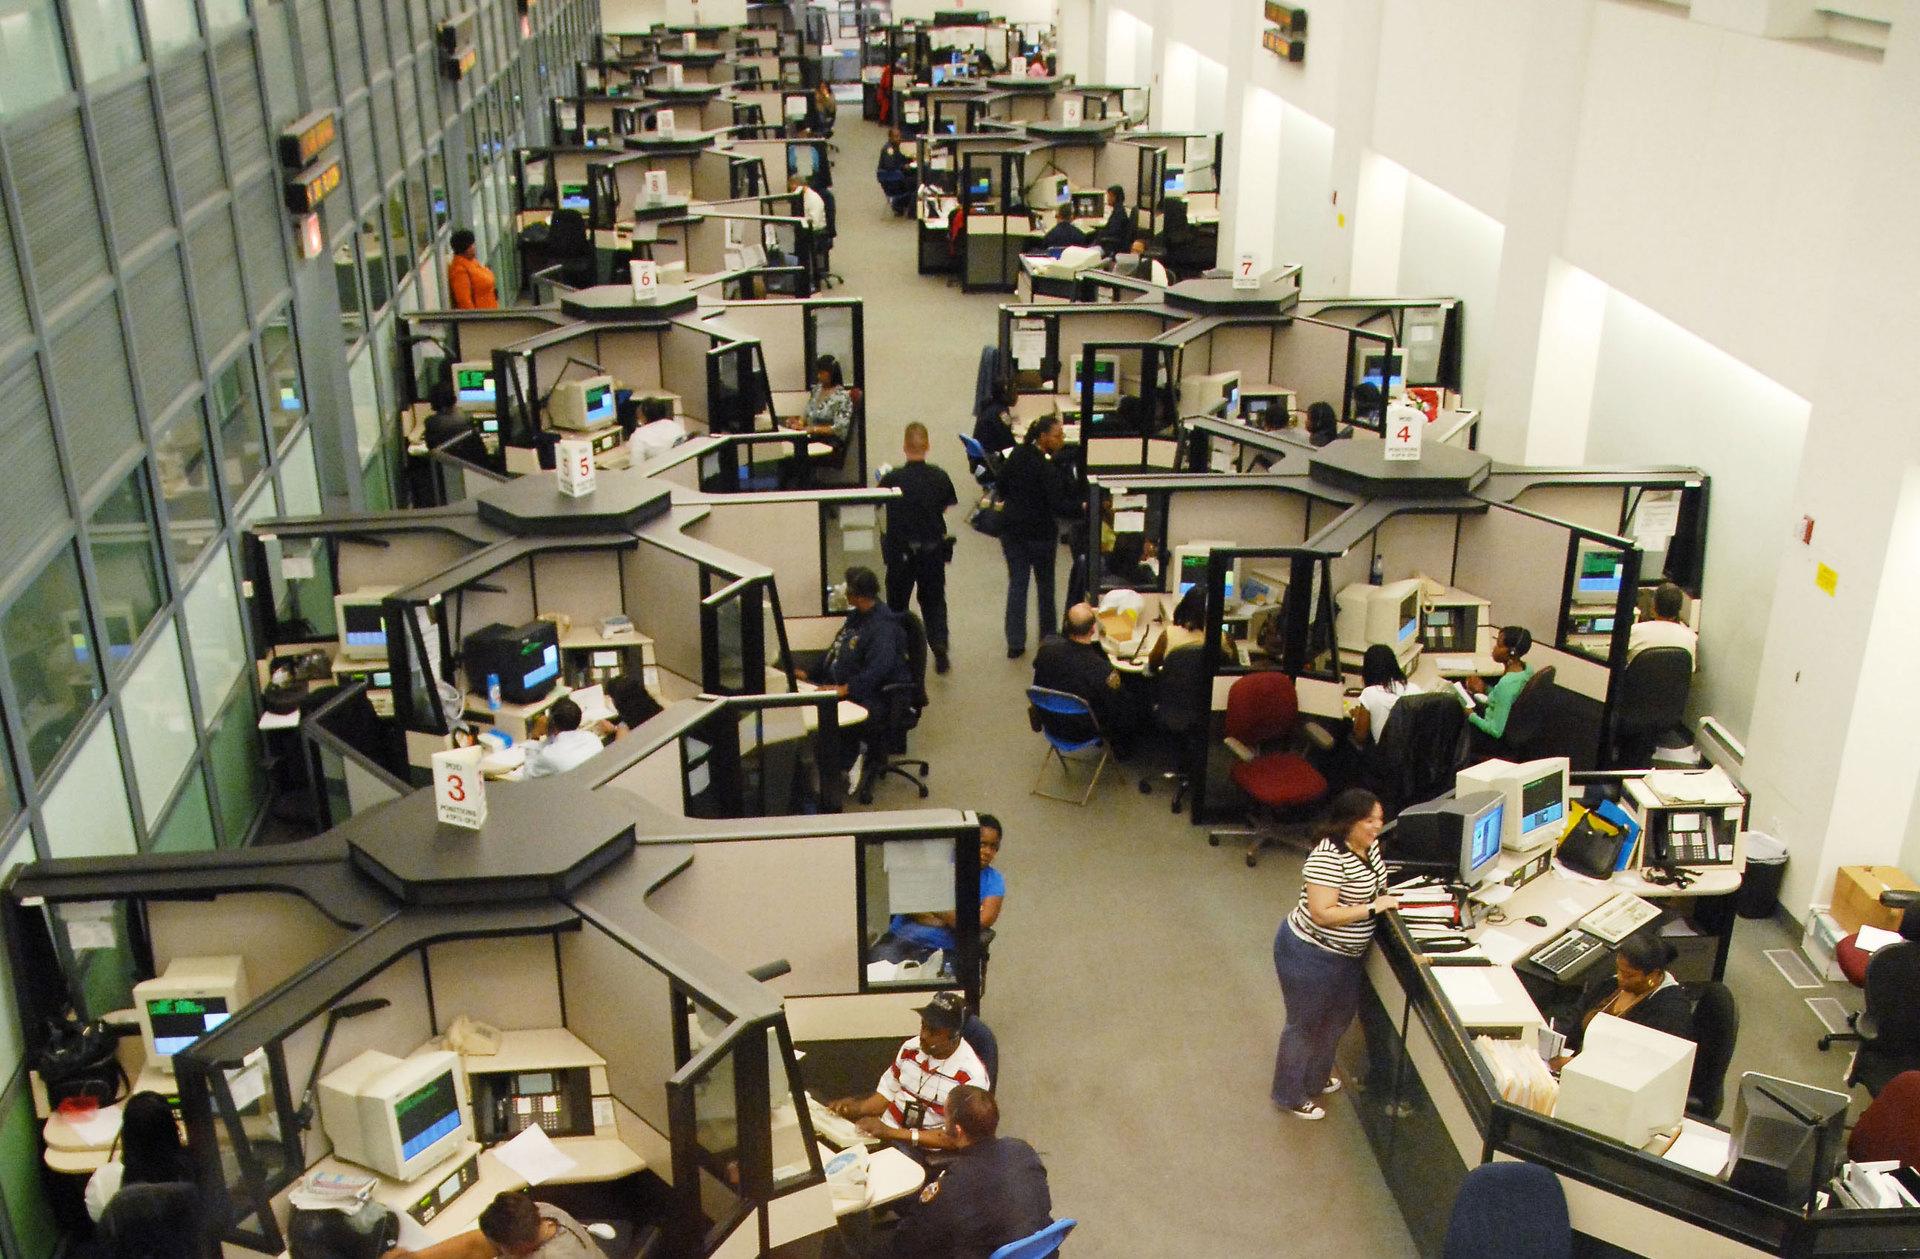 Как колл-центры используют бихевиоральную экономику, чтобы оказывать влияние на клиентов - 1